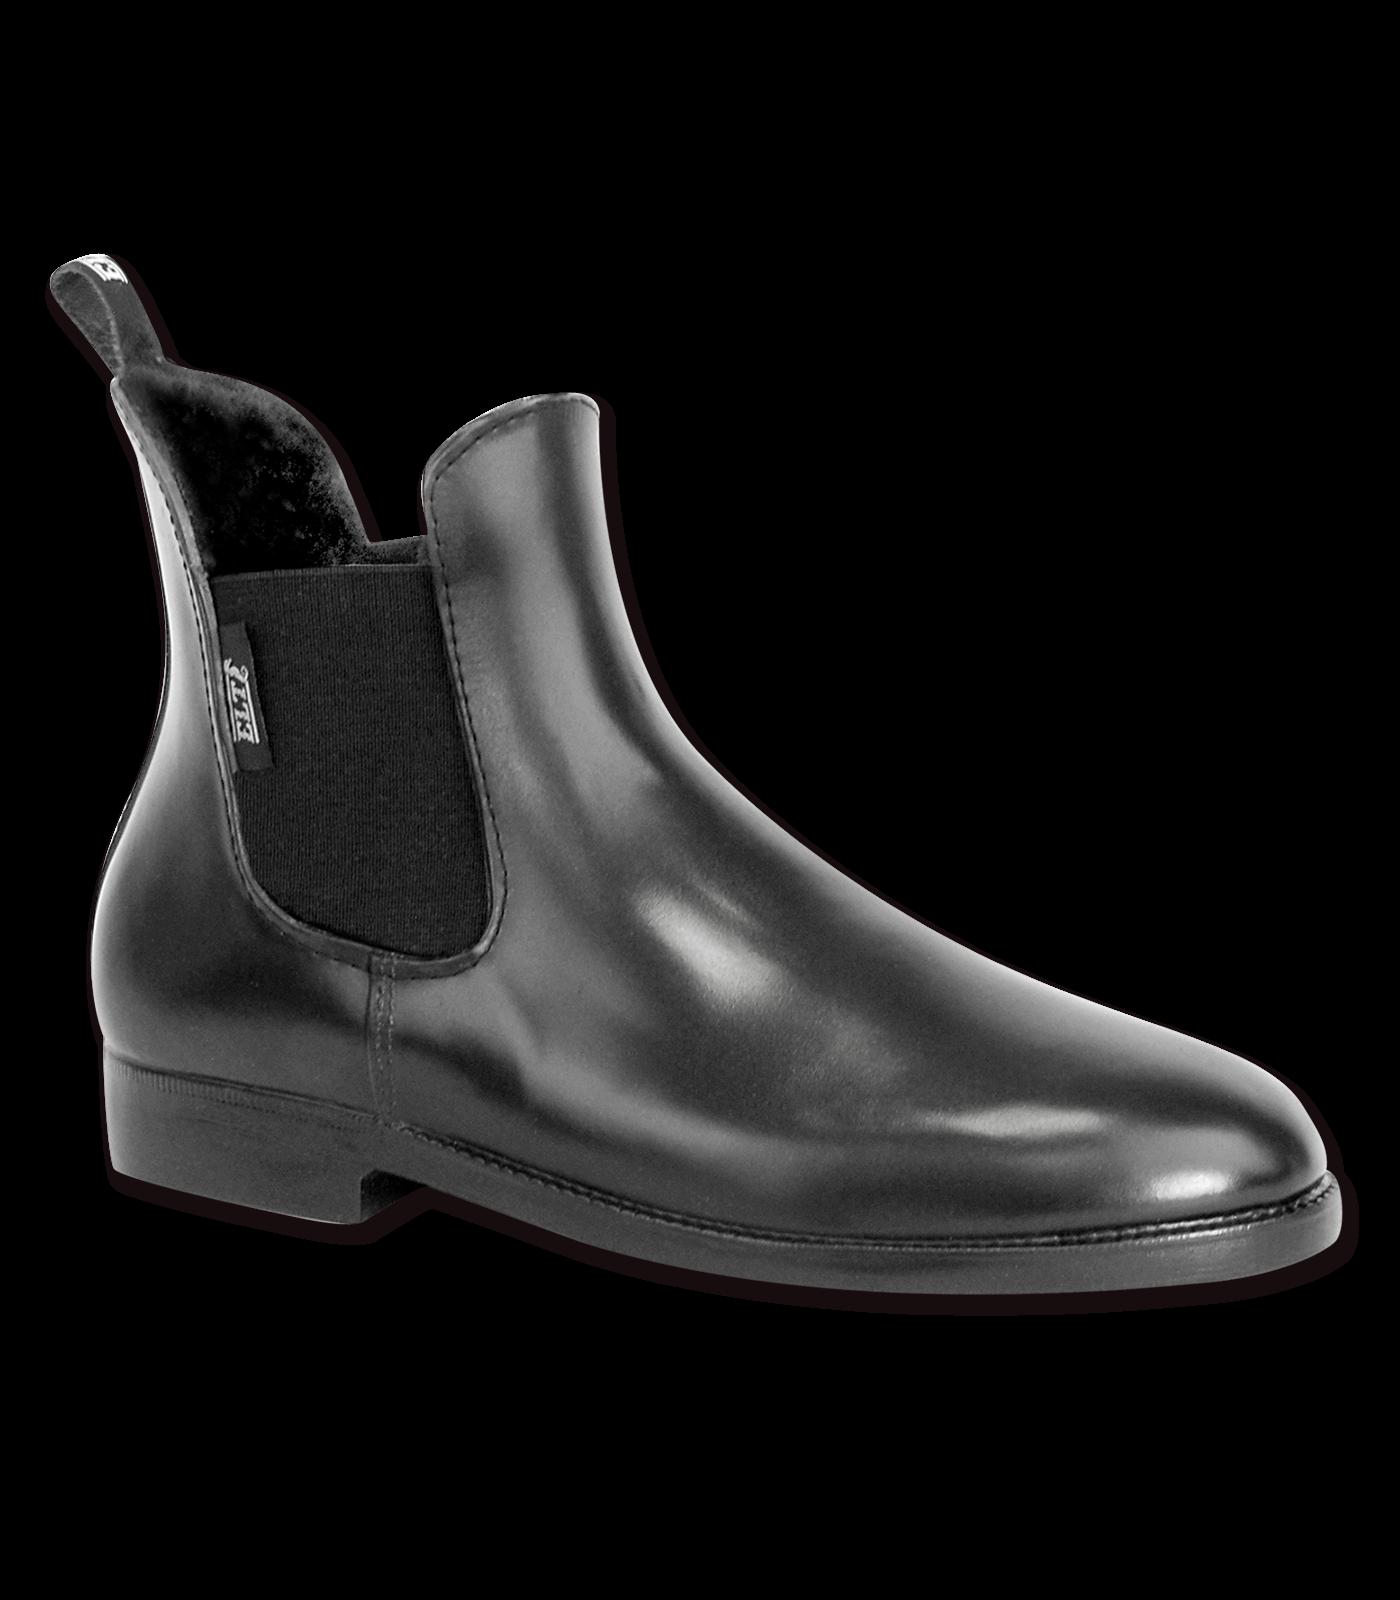 Jezdecká obuv   Boty perka - gumová aa98d8e991